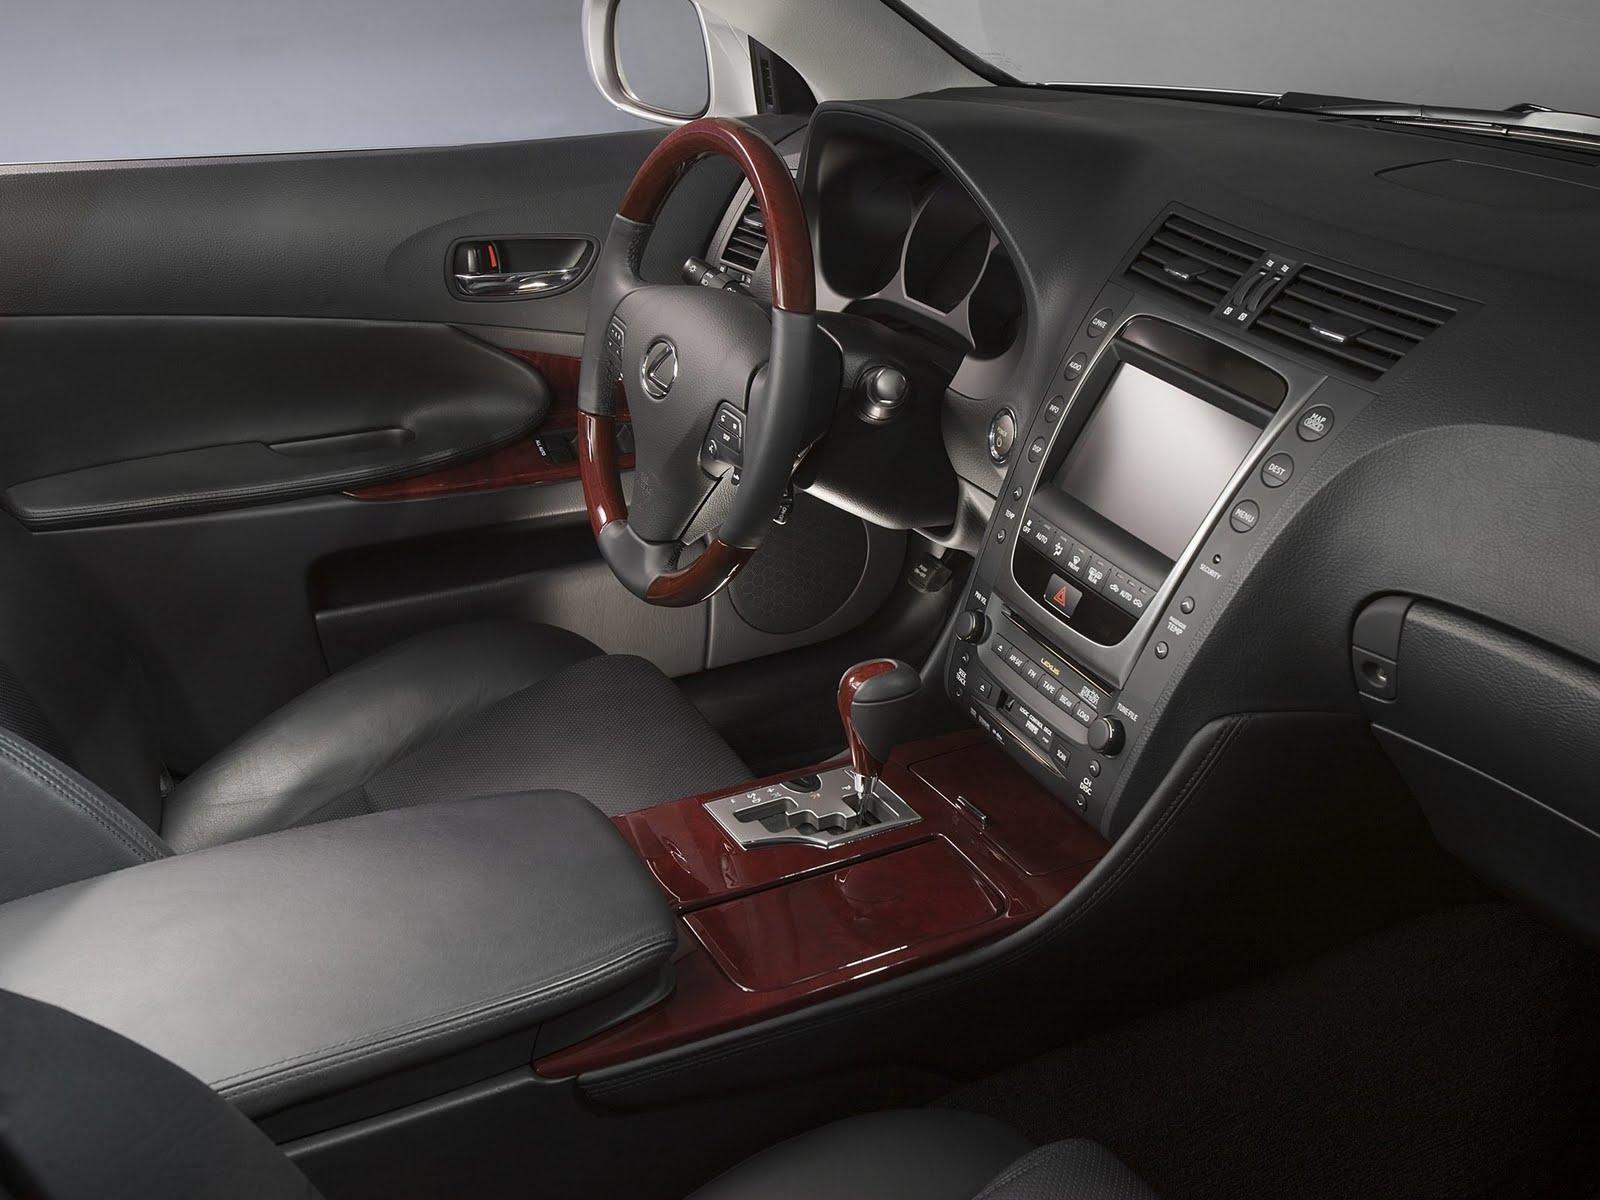 2011 Lexus GS 350 Interior